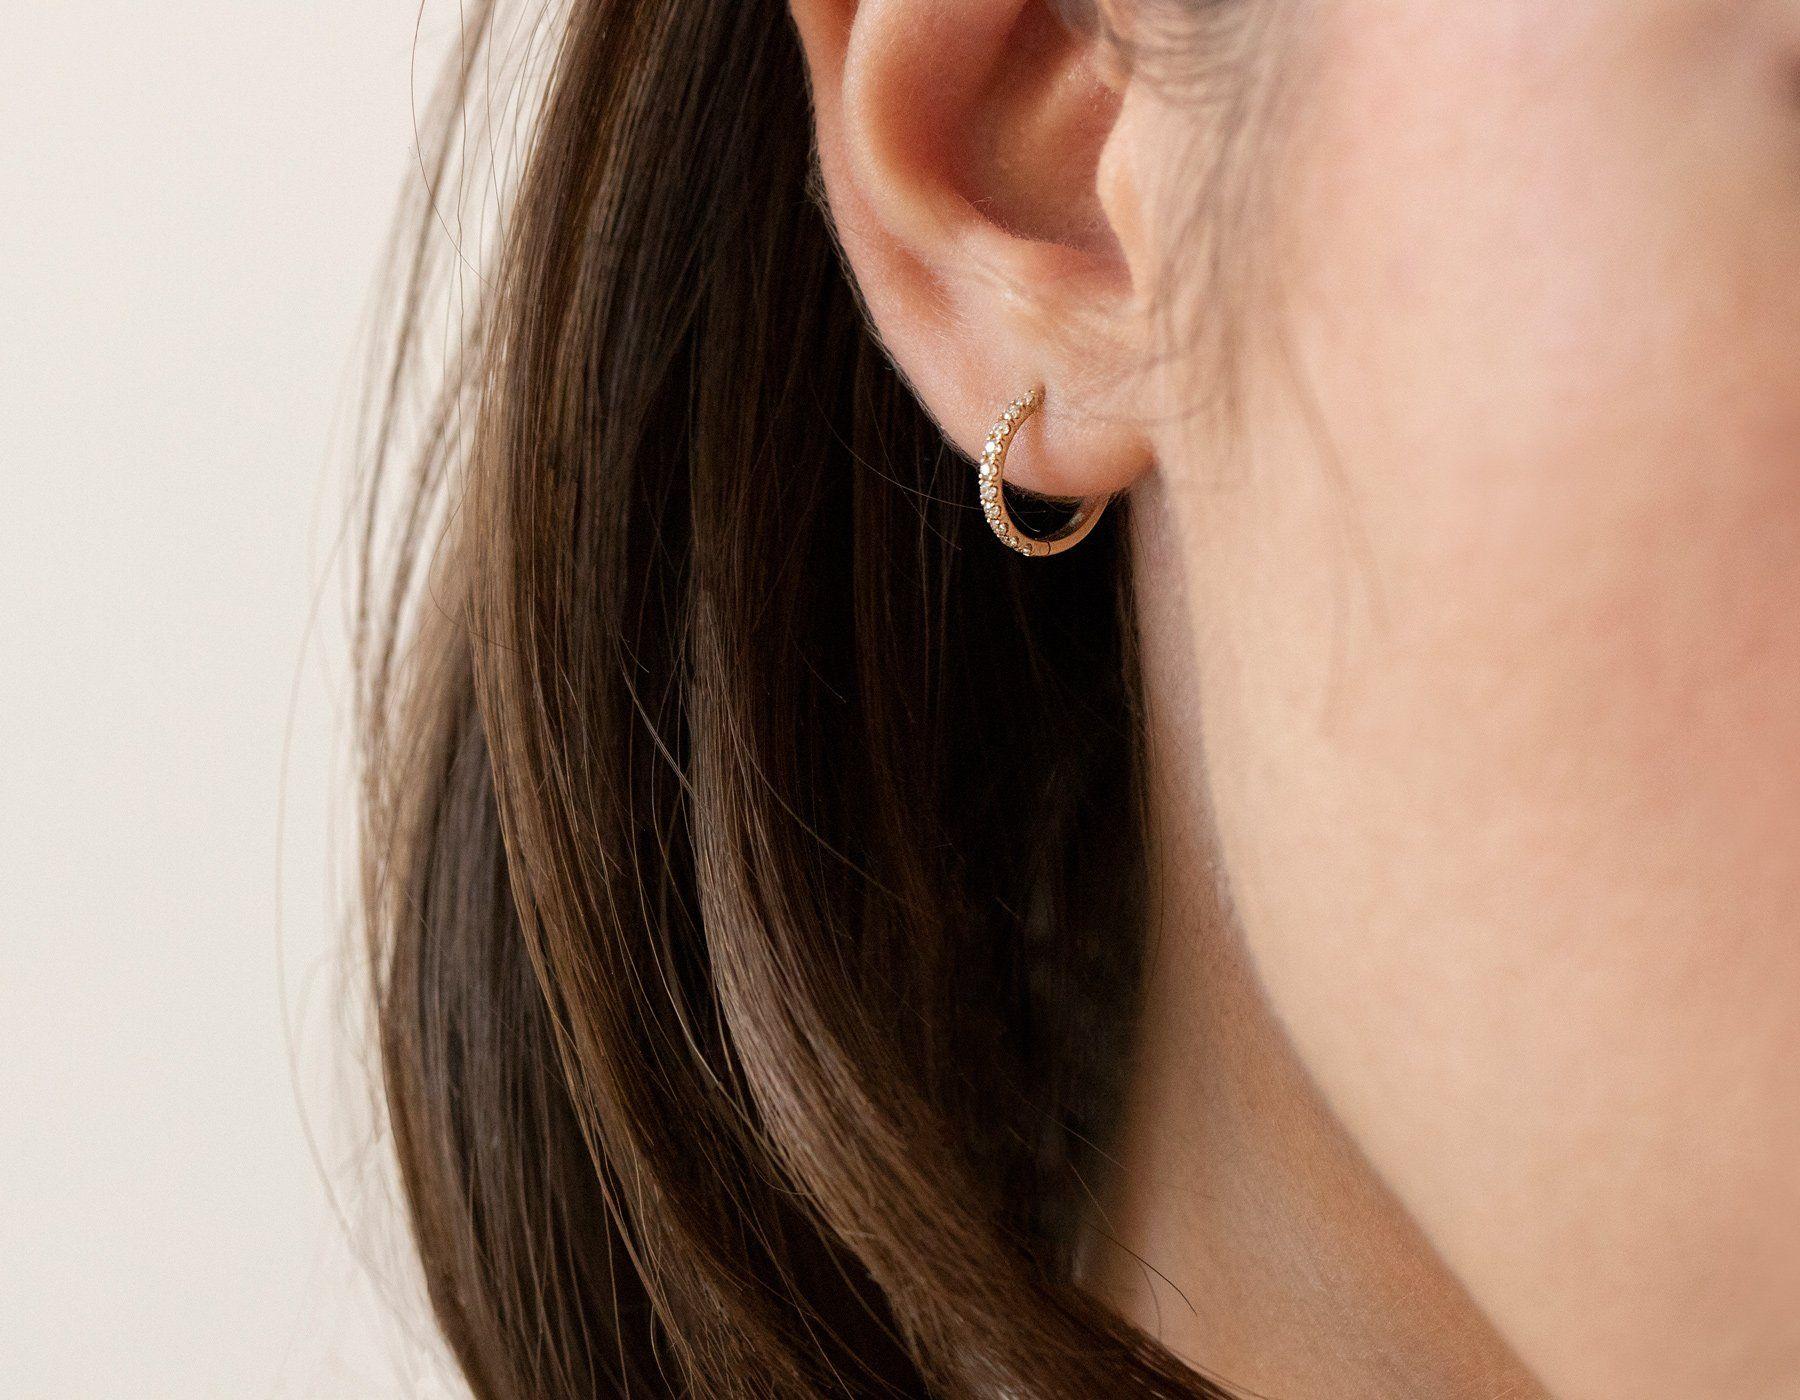 Modern gold earrings Gold loop earrings Minimalist gold filled earrings Hoop earrings Gold pendant ring earrings Gold earrings pease